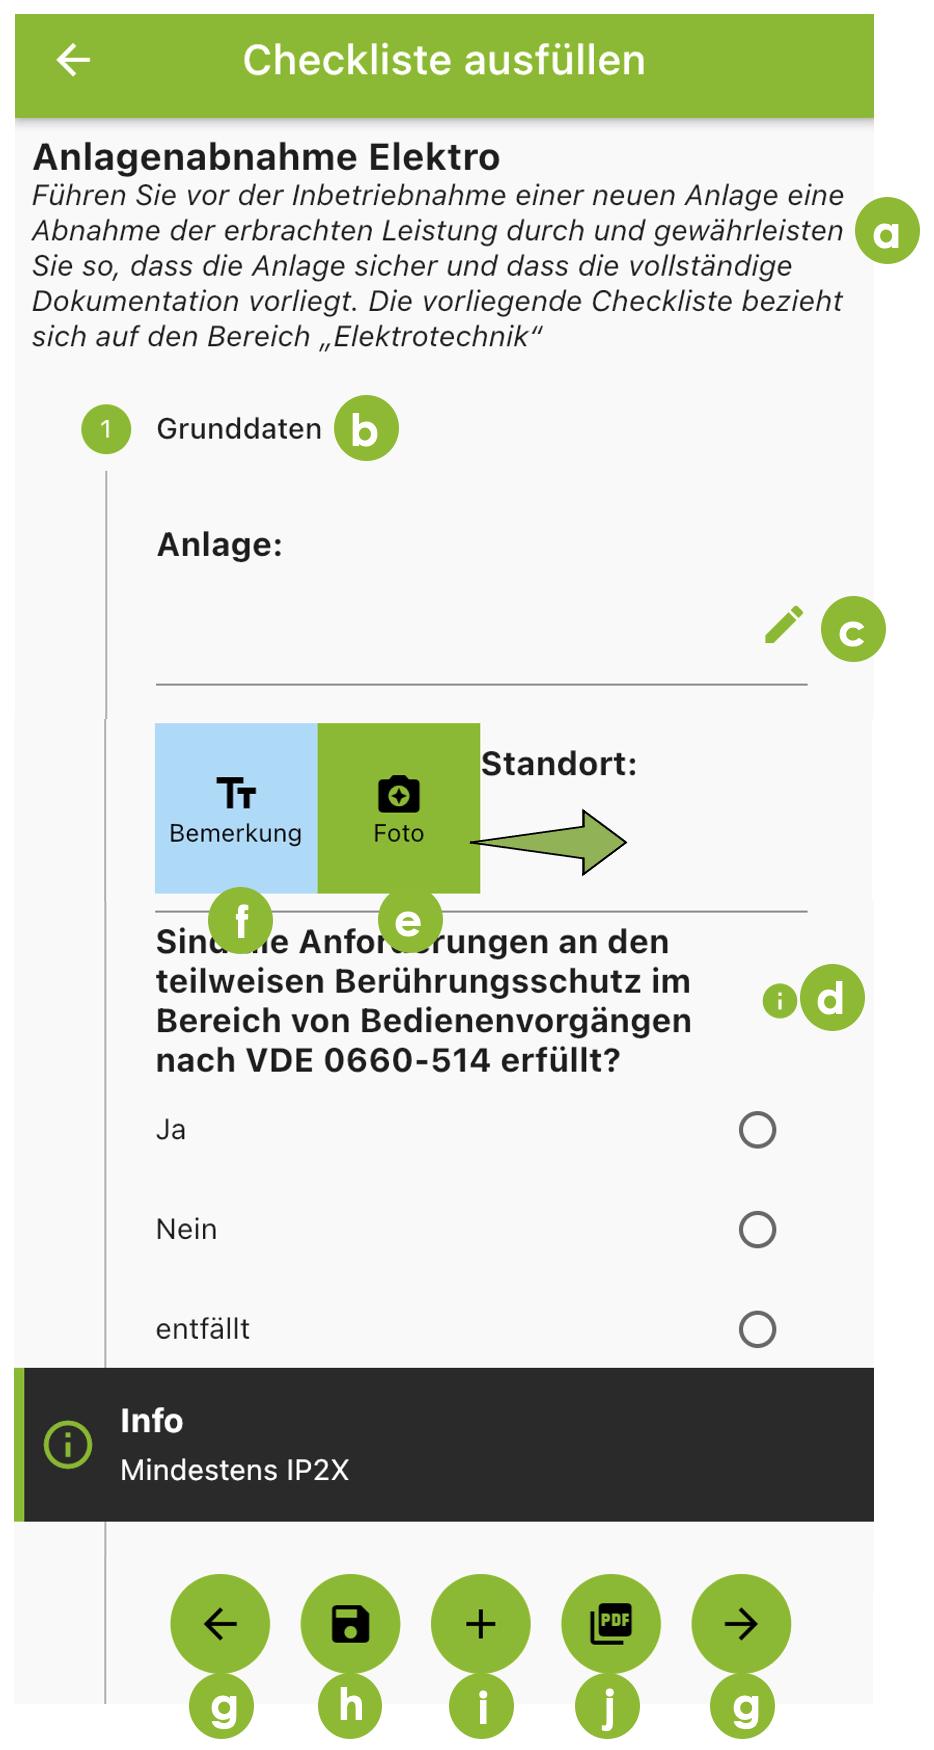 Check-it App Bedienungsanleitung: Weitere Funktionen Checkliste ausfüllen.